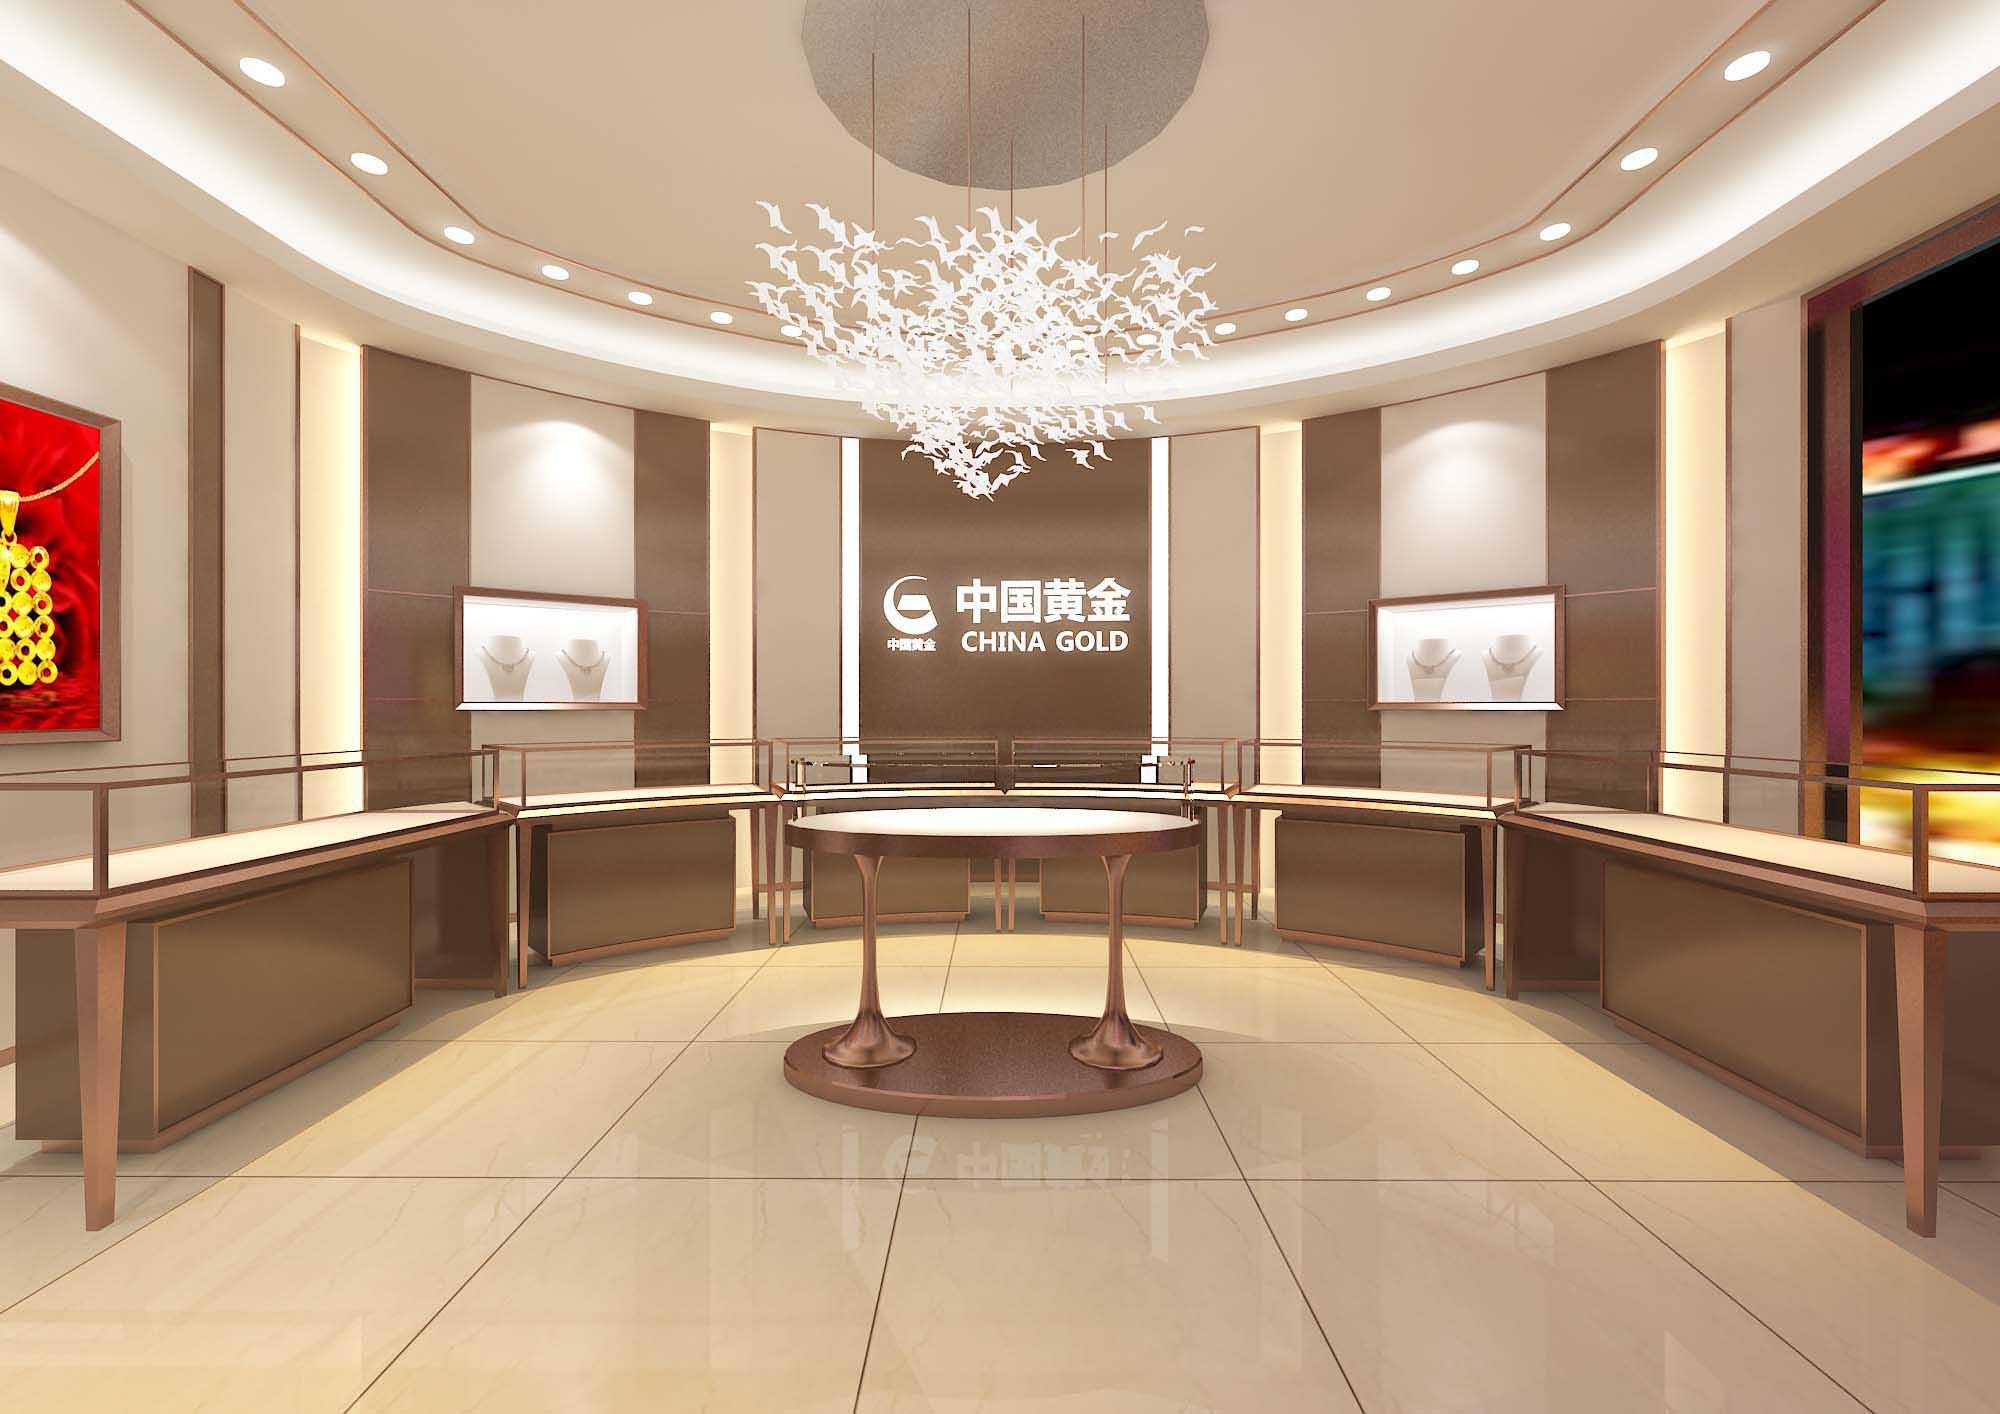 常熟市展柜定制——耀东珠宝展柜定制专家13970968121